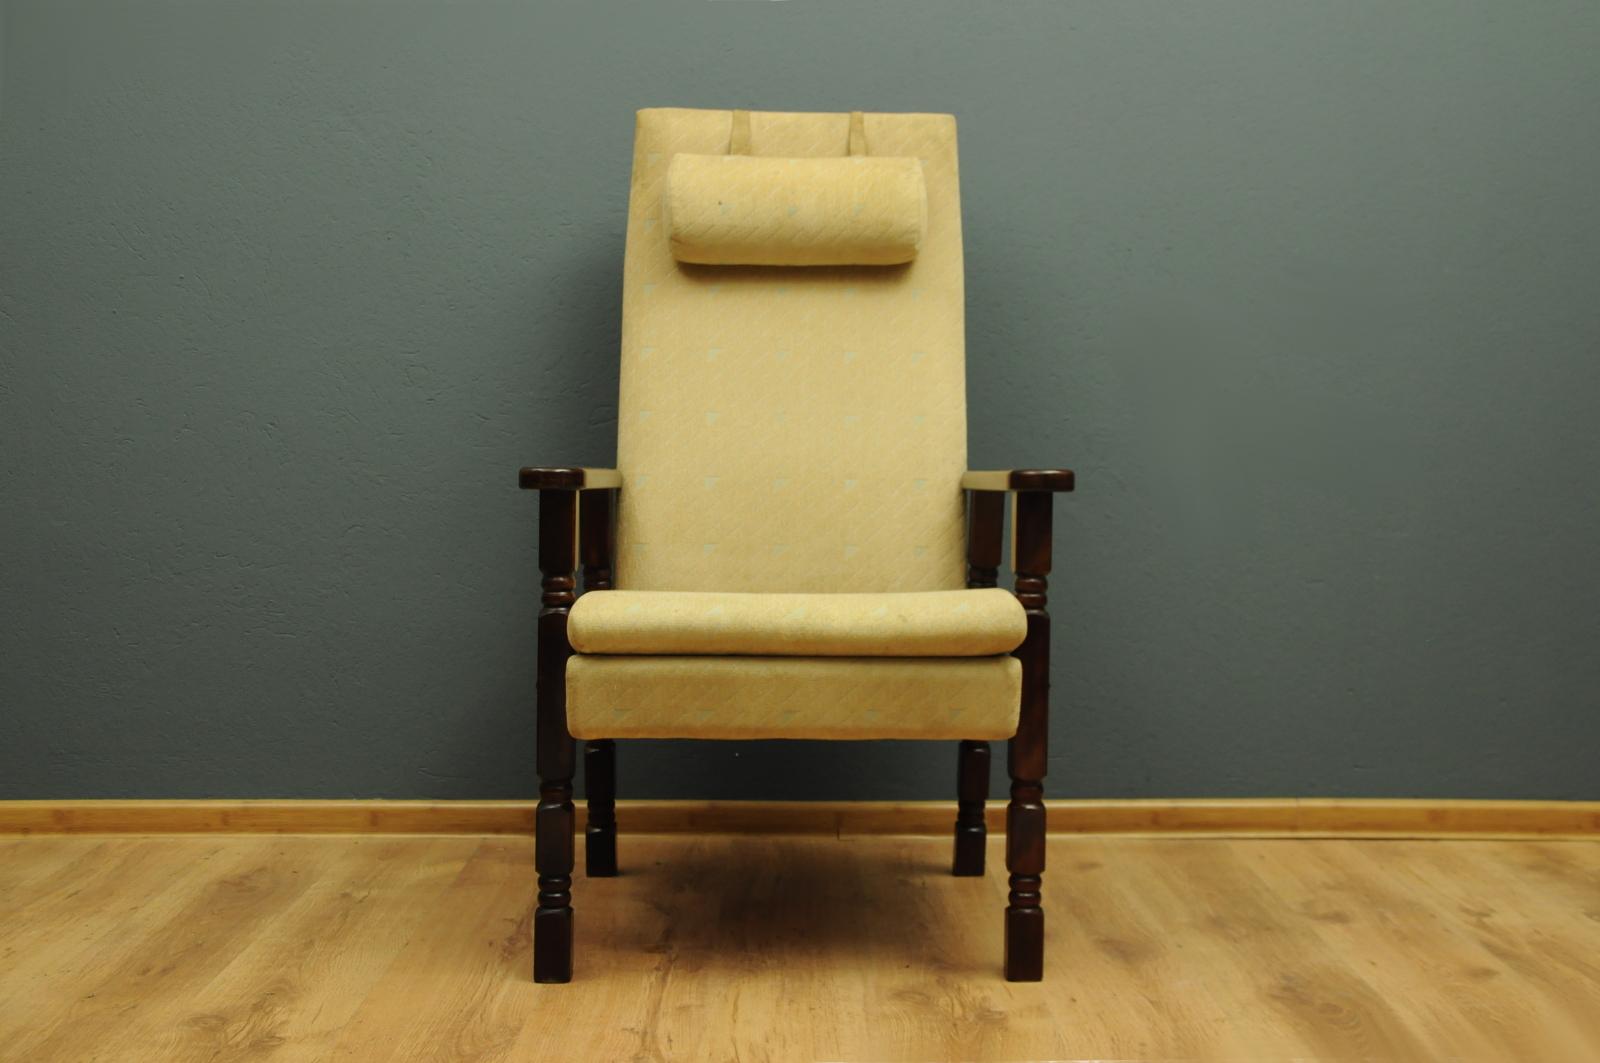 Skandynawski Fotel Z Lat 70 Tych